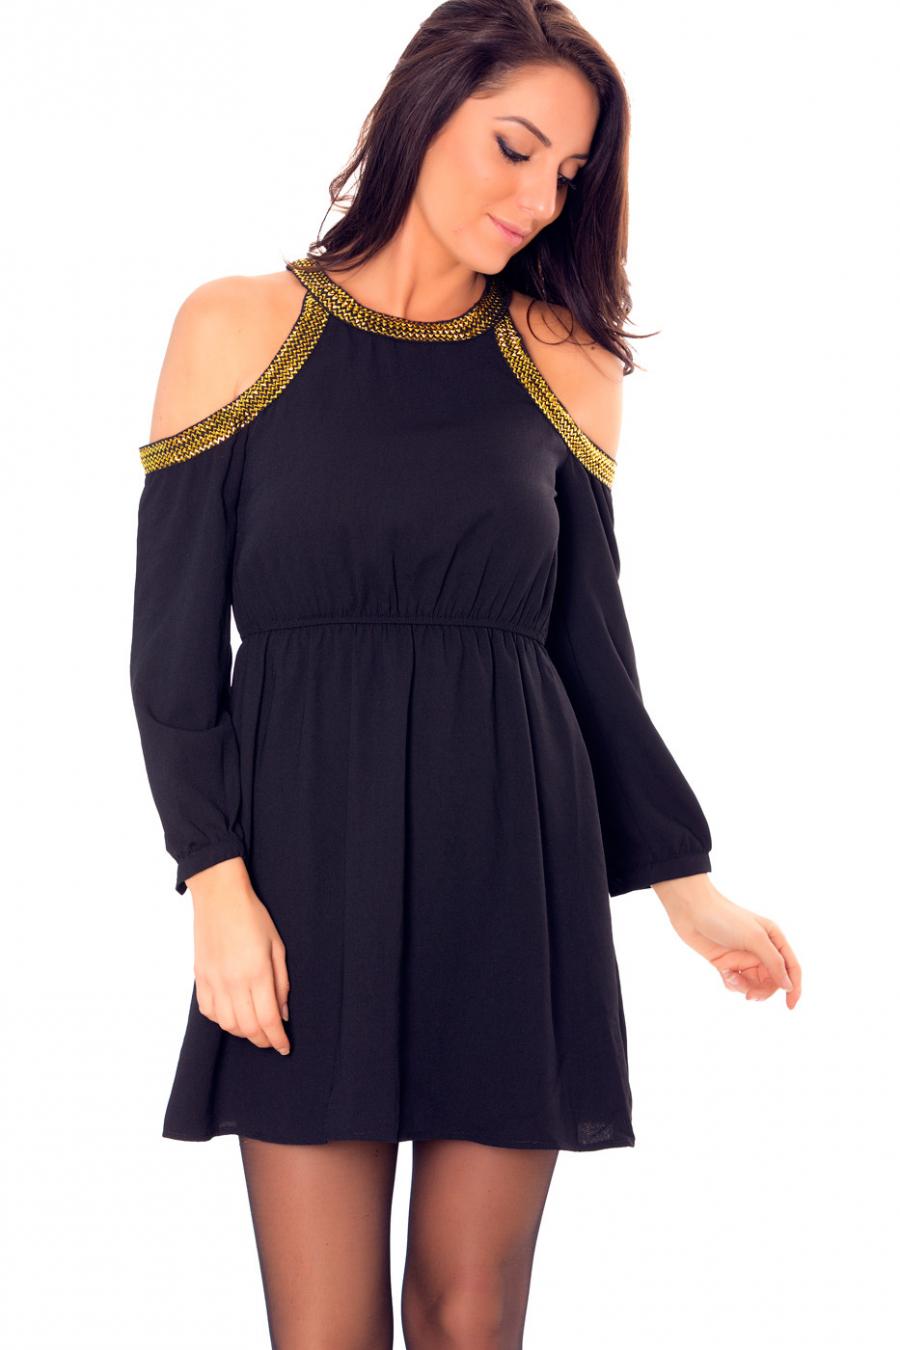 Ravissante robe de soirée noire avec épaules dénudées à liserés dorés. E-2558.